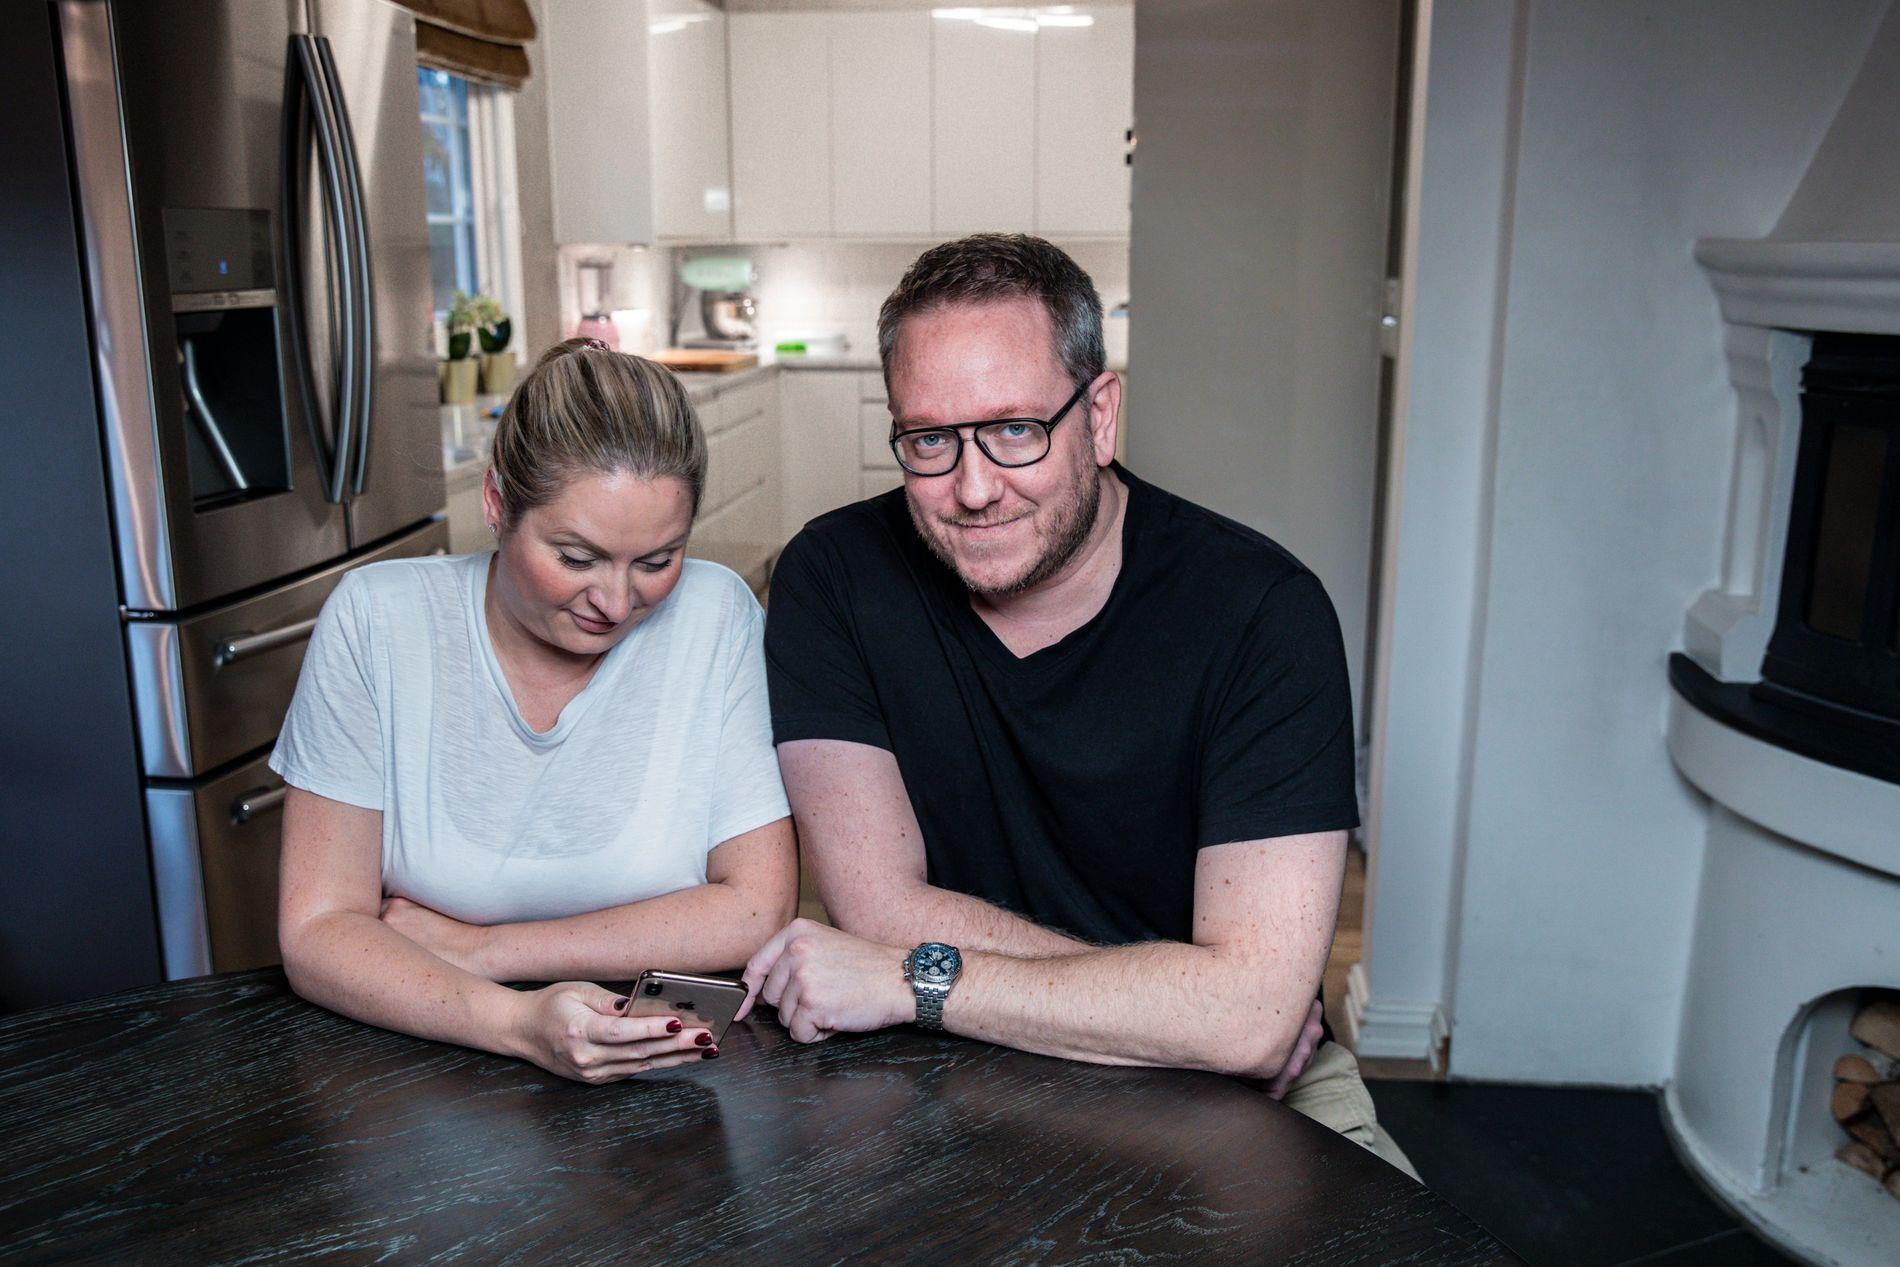 POSITIVE TIL KUPP: Erland Bakke og Sabrina Østlie kommer til å fortsette med å bruke appen for å oppdage gode tilbud og lage handlelister.